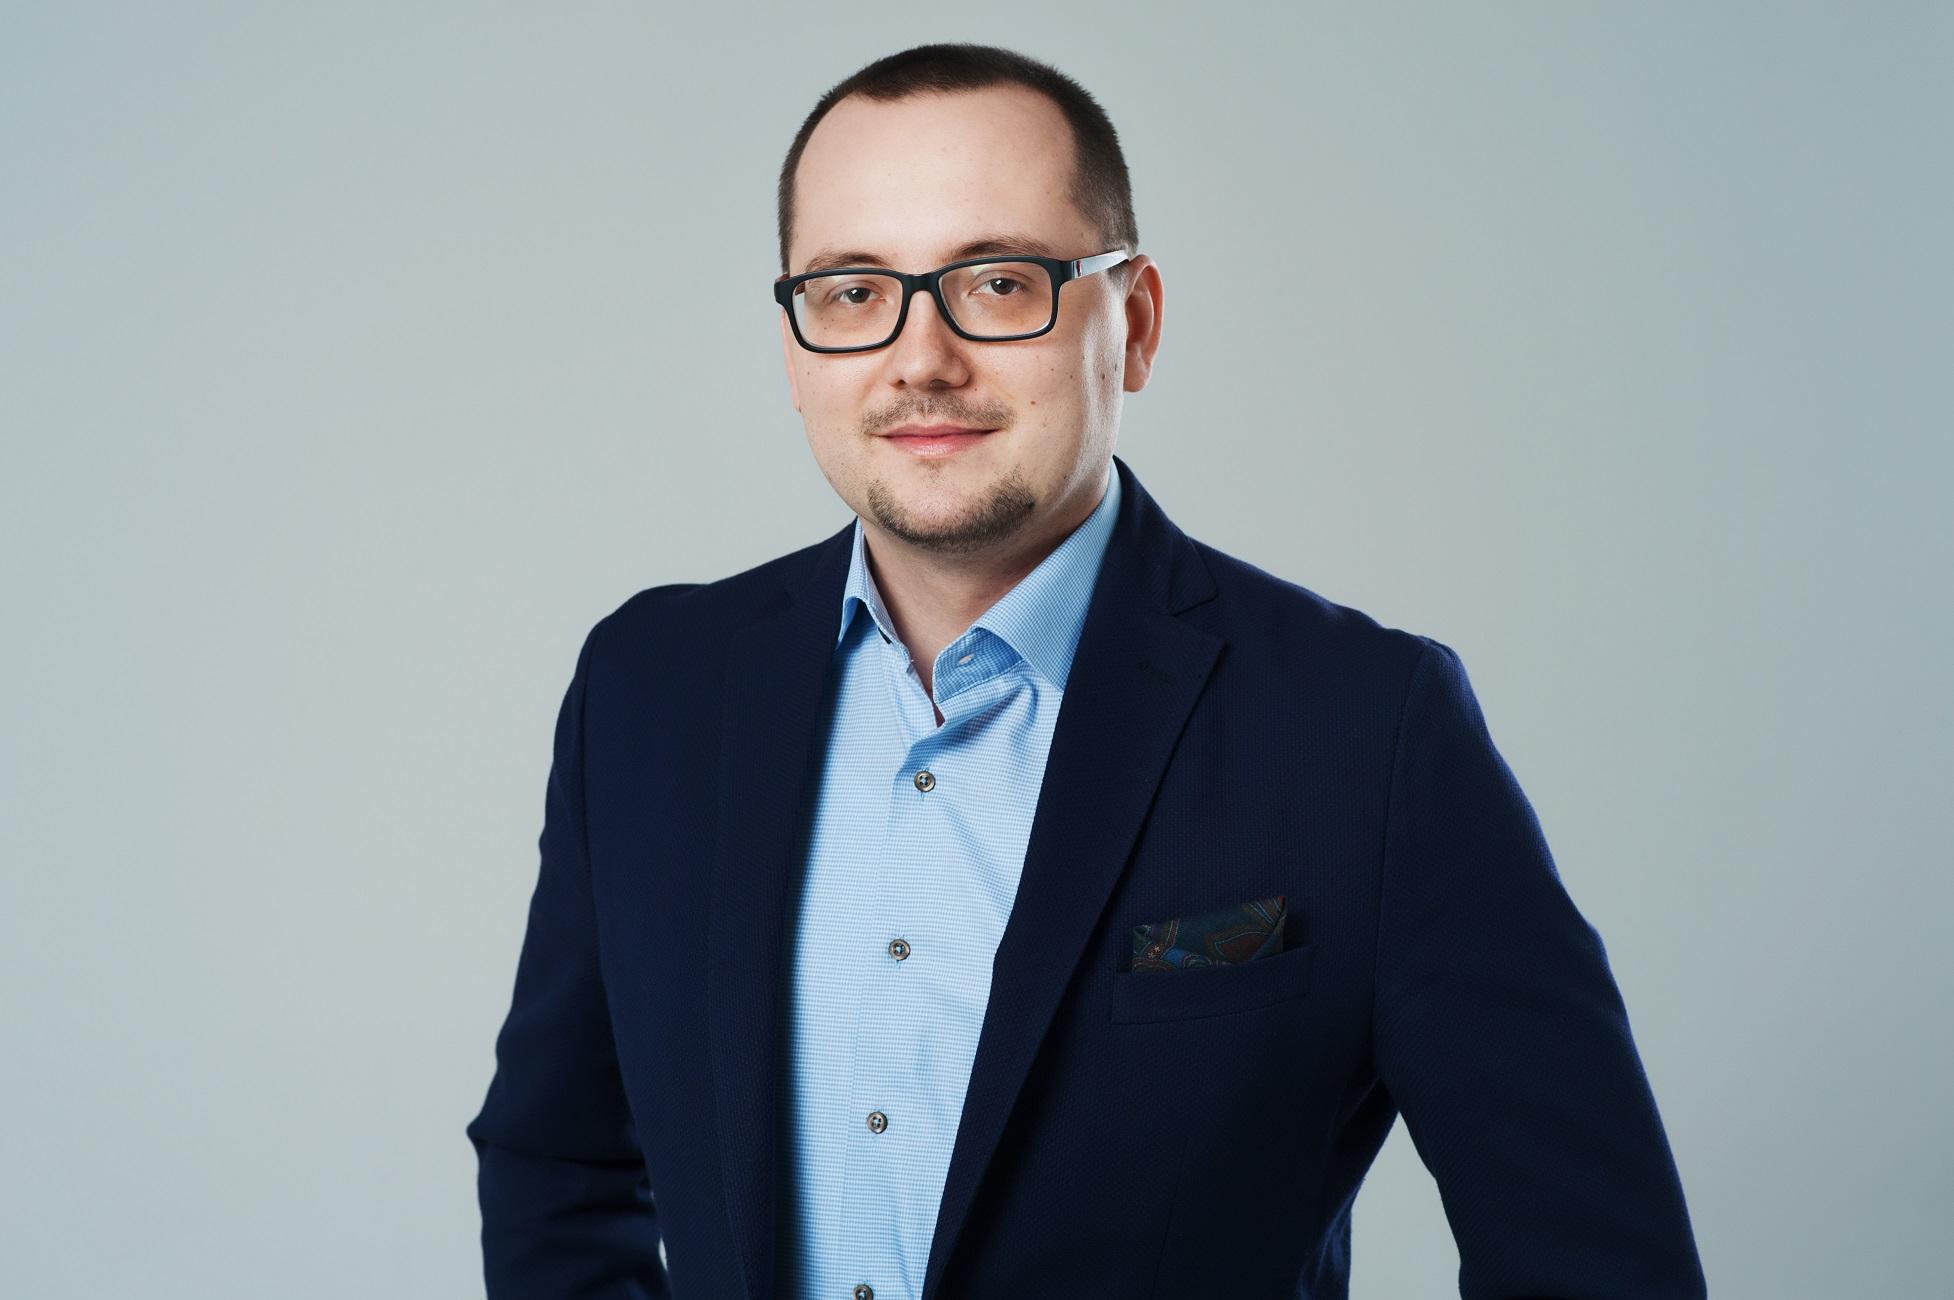 Grzegorz Smereka, wiceprezes spółki Impel System. Fot. mat. pras.